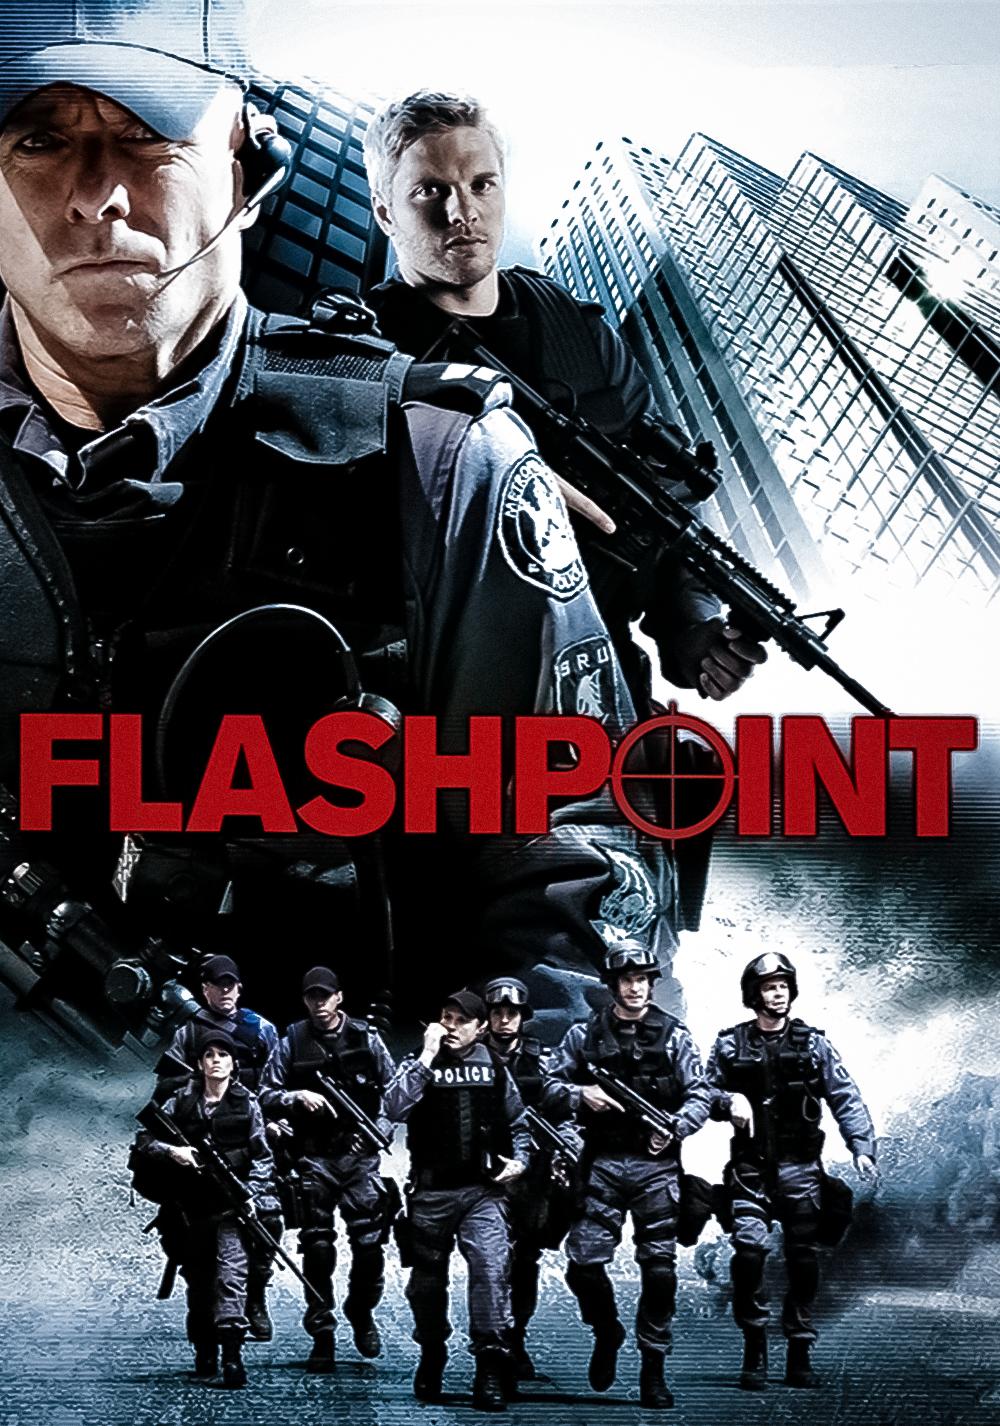 flashpoint-5388e7da9aa81.jpg